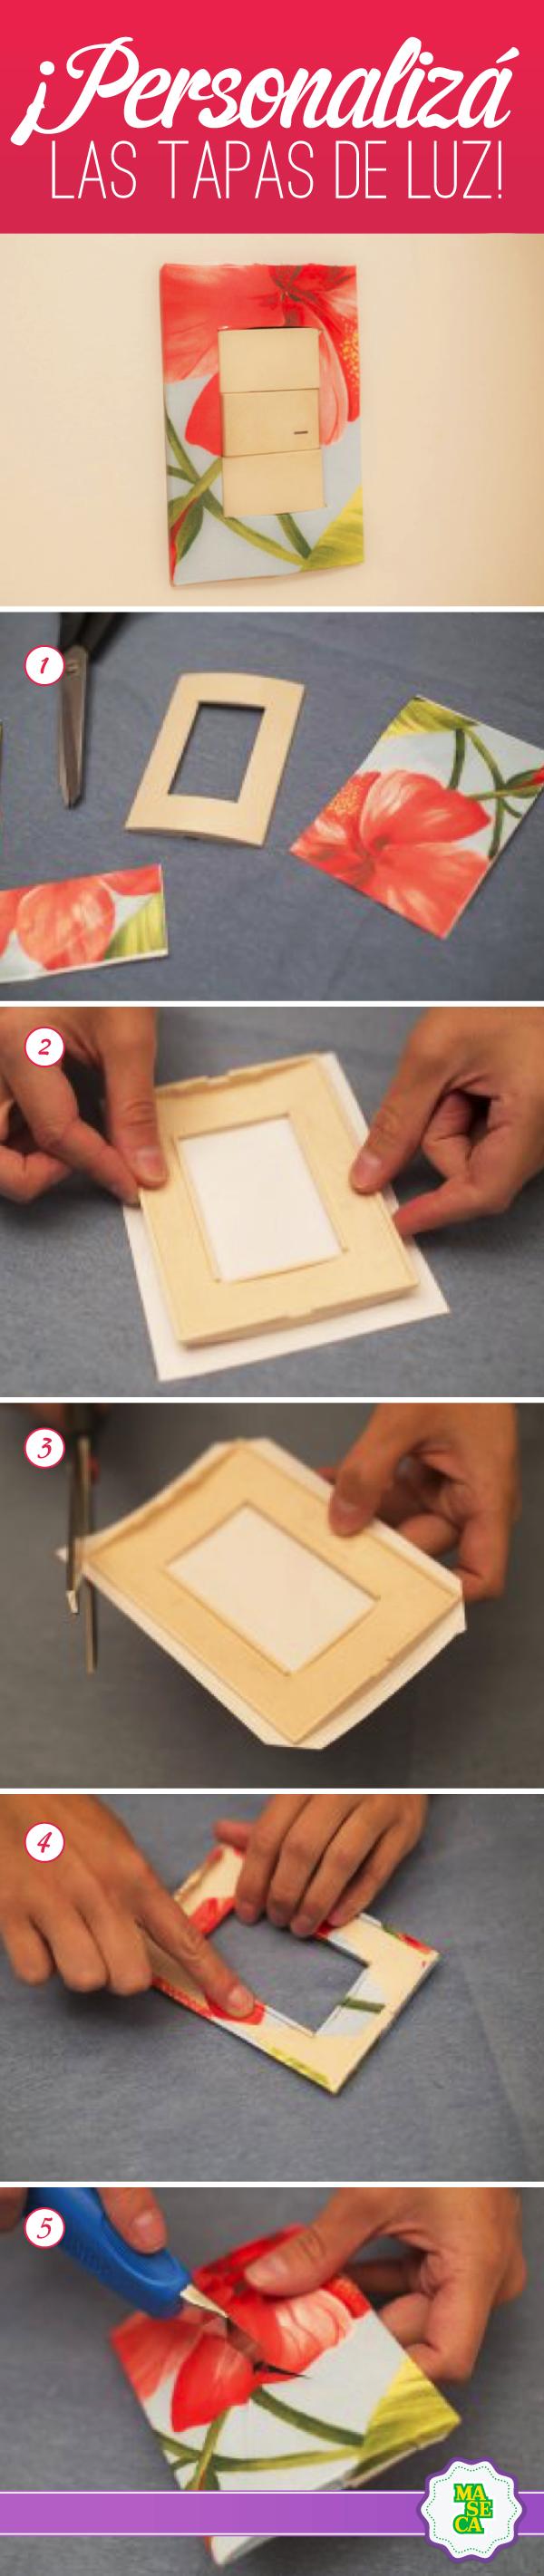 ¿Querés darle un toque especial a tu hogar?   Materiales: Tapas de luz Adhesivo decorativo Tijera Cúter    Paso a paso: 1. Medí la tapa de luz en el adhesivo y recortá un rectángulo de mayor superficie. 2. Pegá el adhesivo en la zona frontal de la tapa. Recortá las esquinas y plegá los bordes. 3. Cortá en cruz el adhesivo en la parte del centro. Plegá los picos en la parte trasera de la tapa y recortá el sobrante.